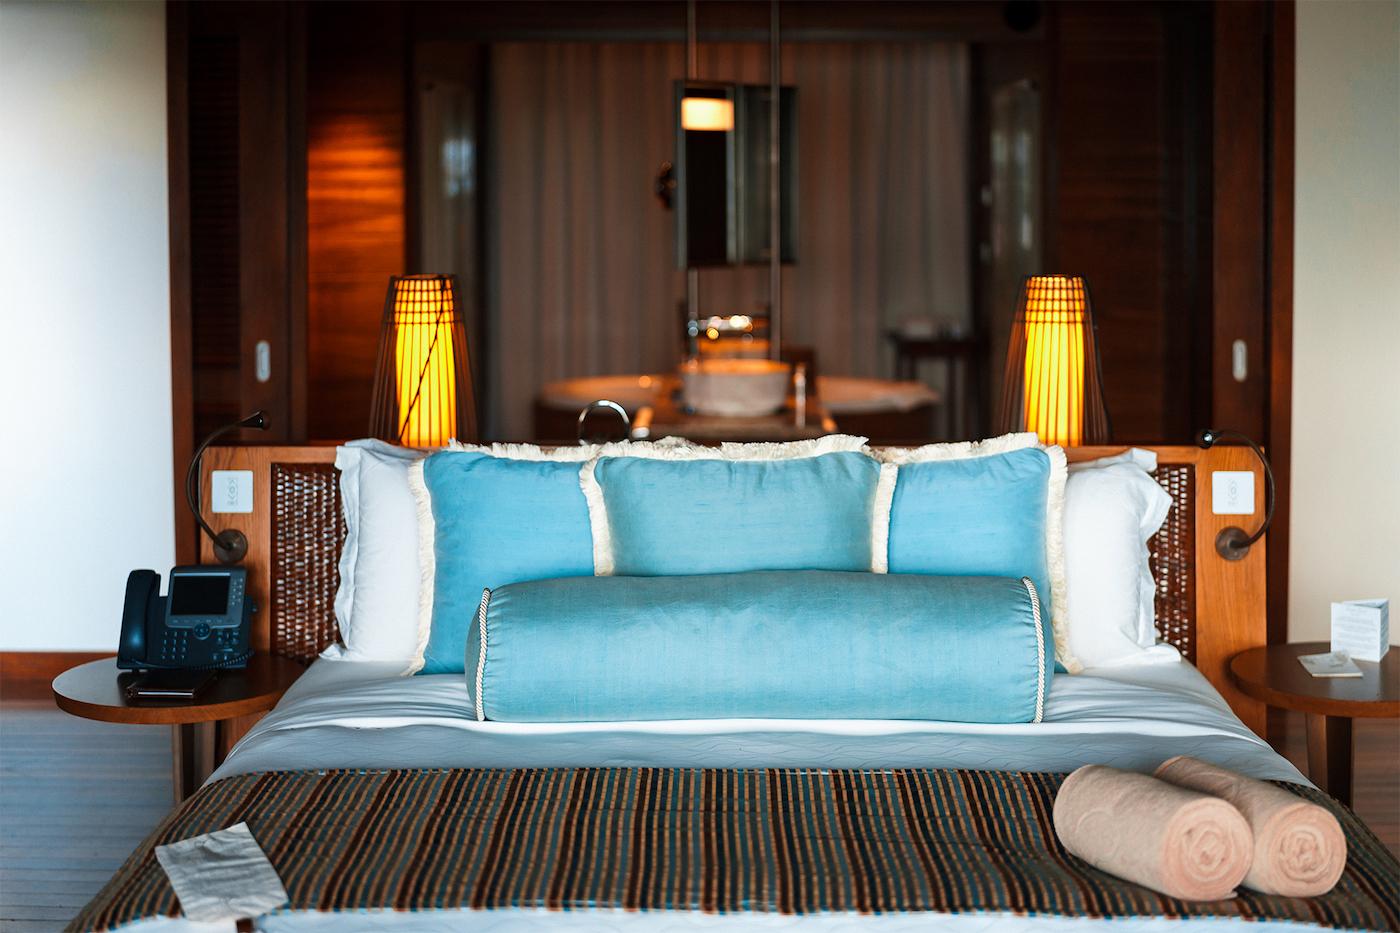 Traumurlaub im Constance Ephelia Hotel auf den Seychellen 9